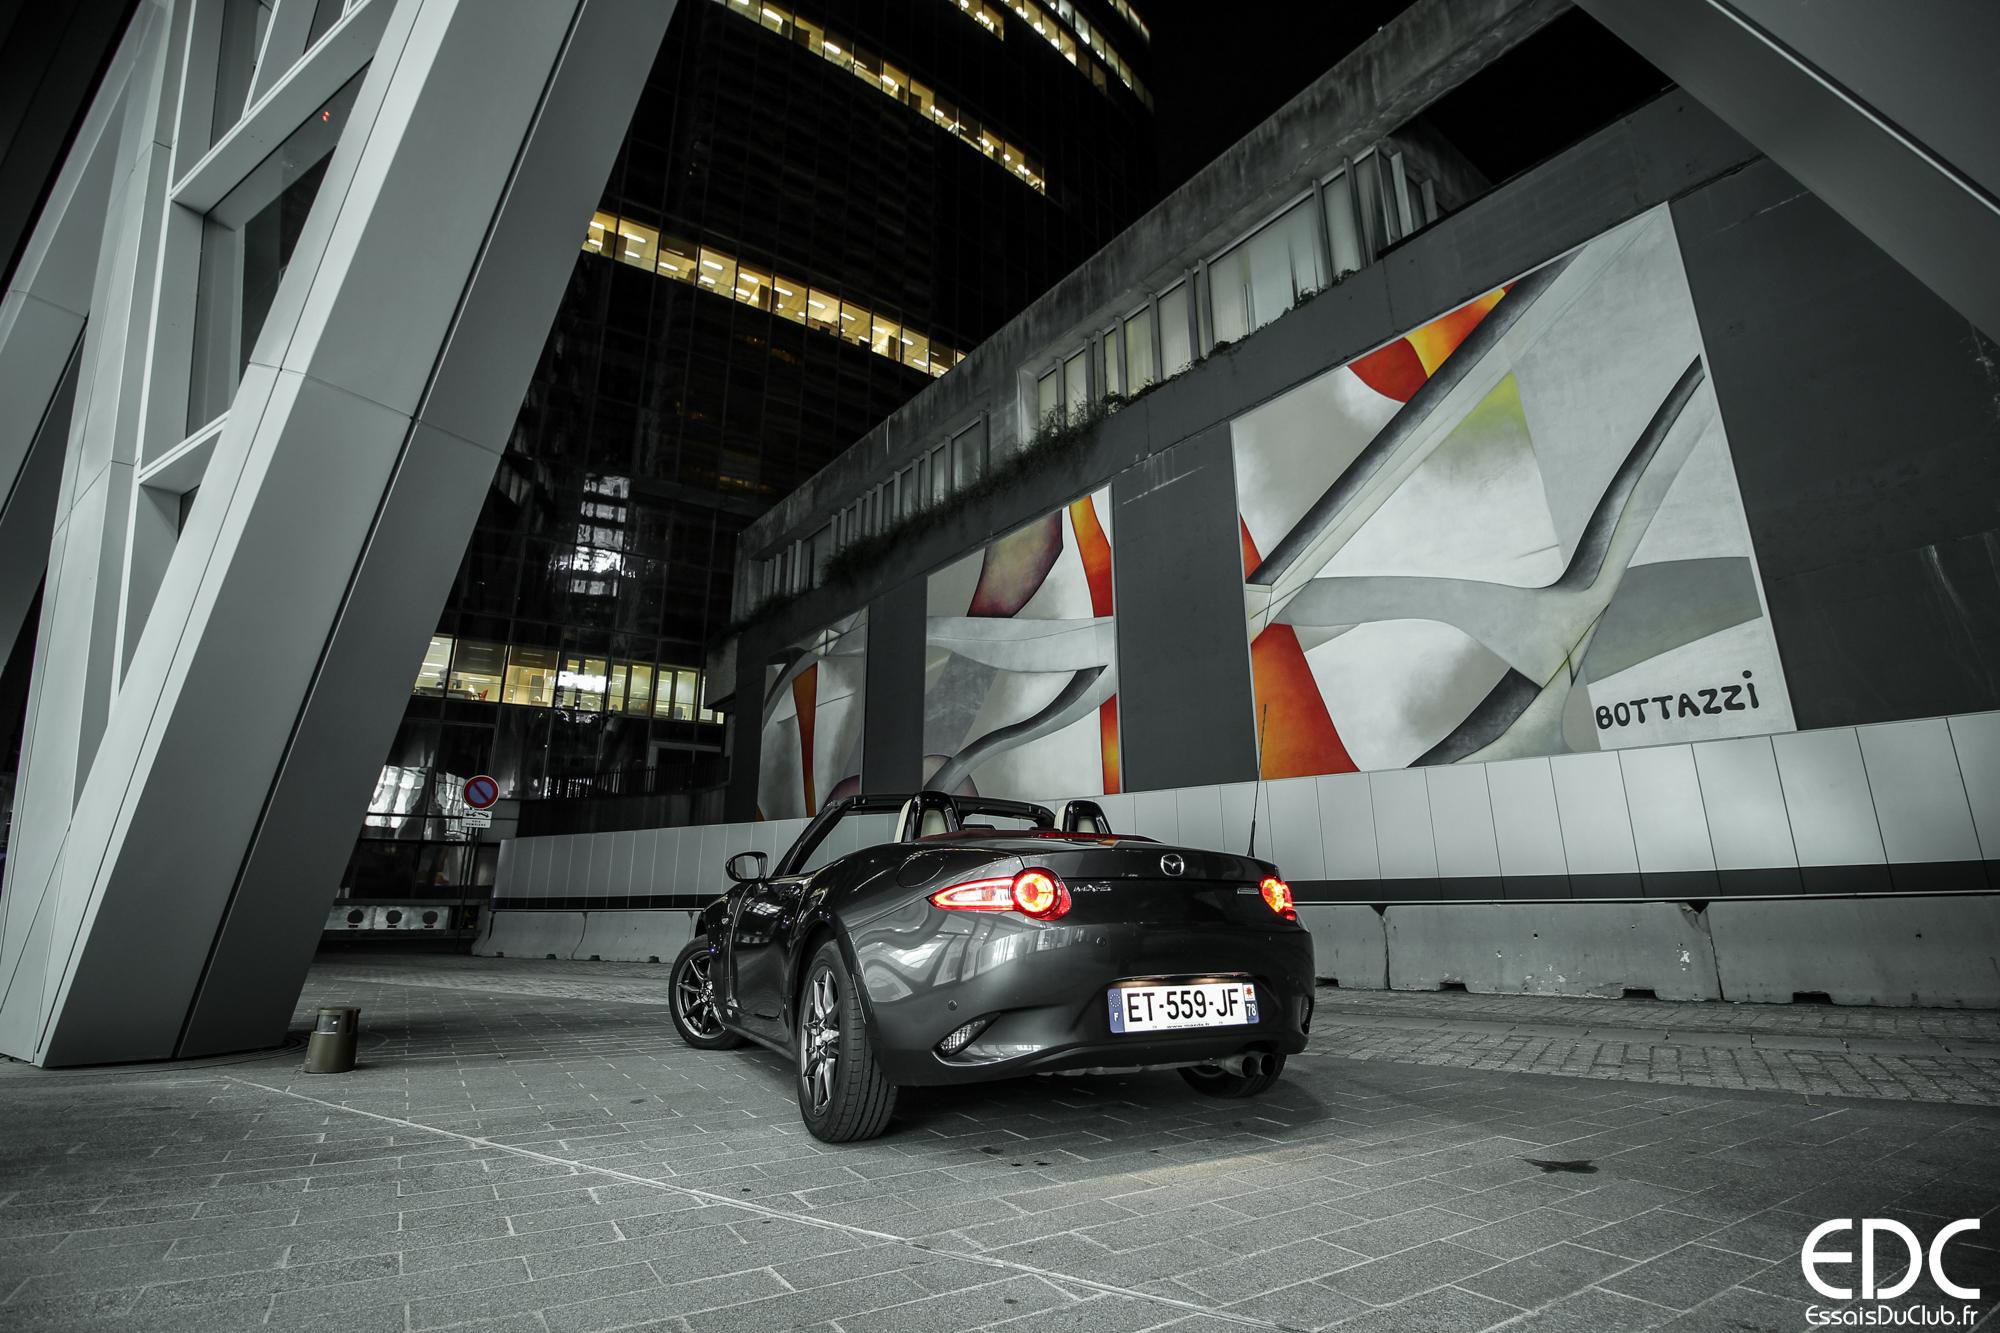 Mazda MX-5 city